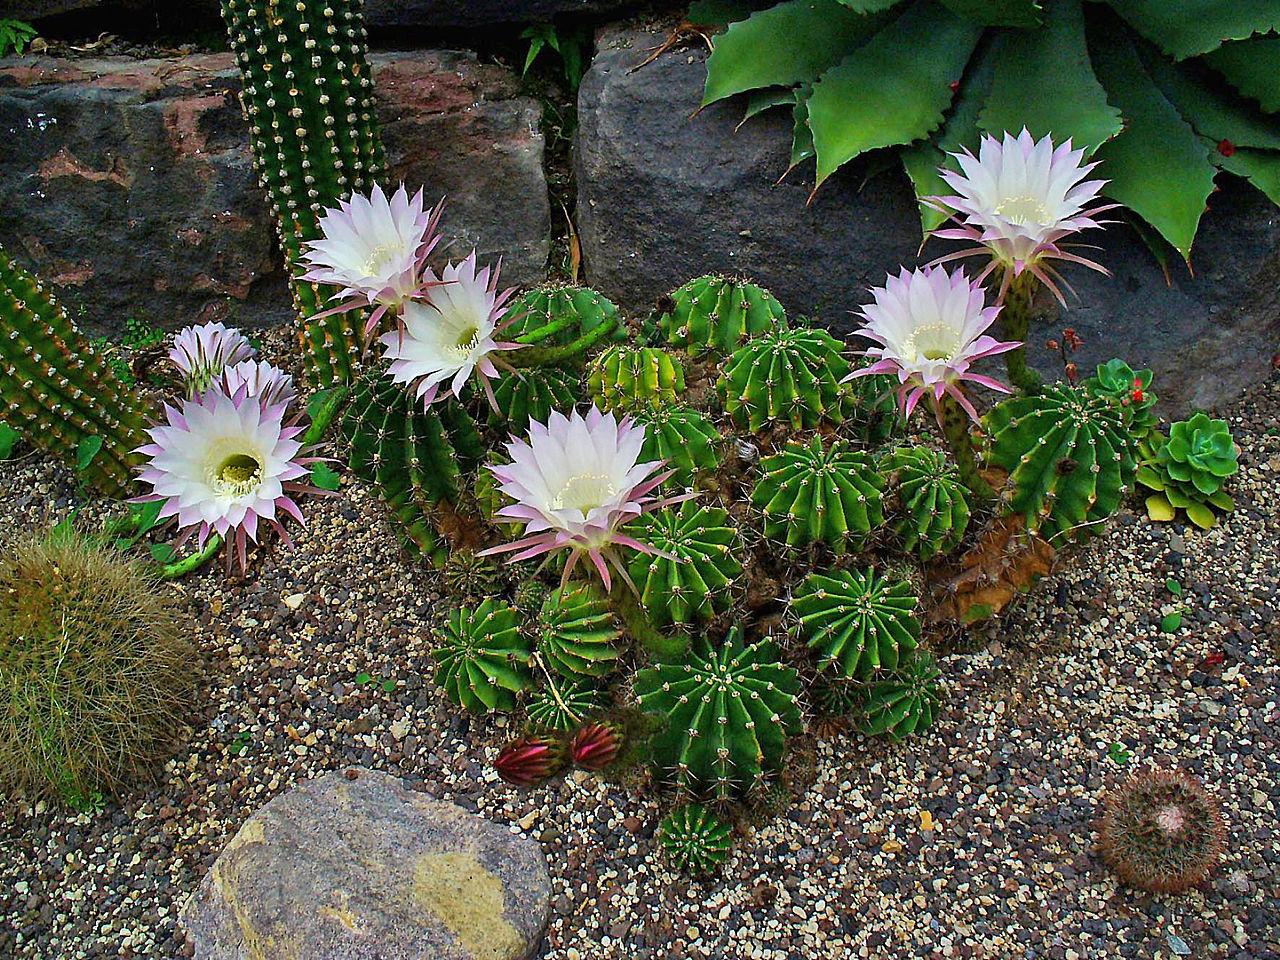 El Echinopsis oxygona es un cactus pequeño que aguanta muy bien el frío.